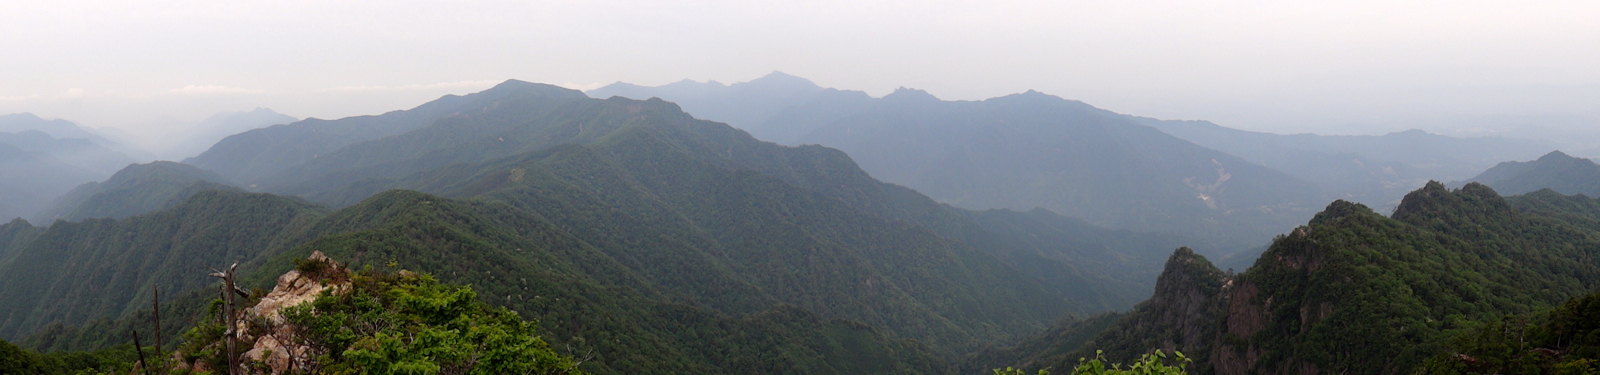 傾山からのView